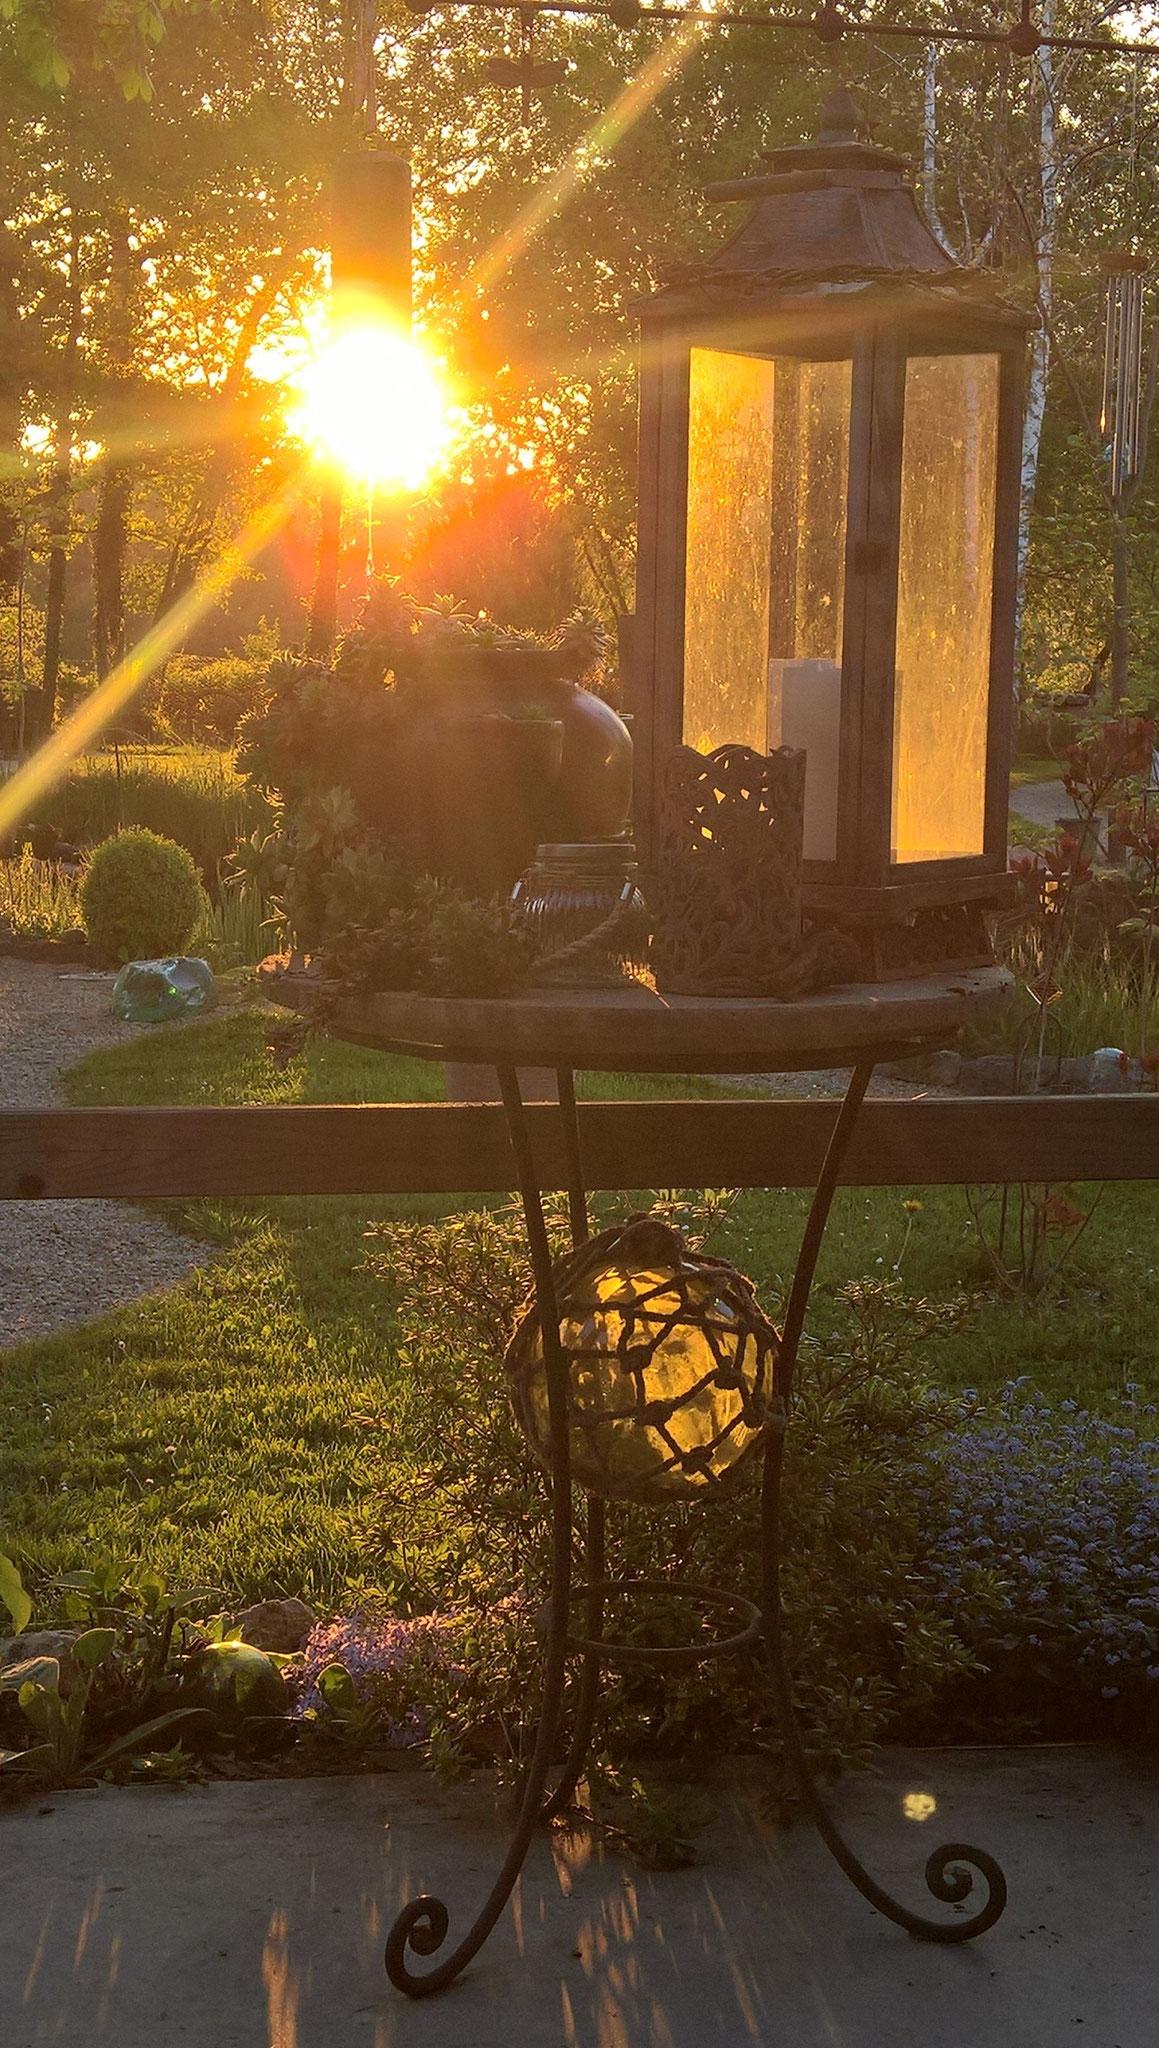 Abendlicht fällt durch die Laterne